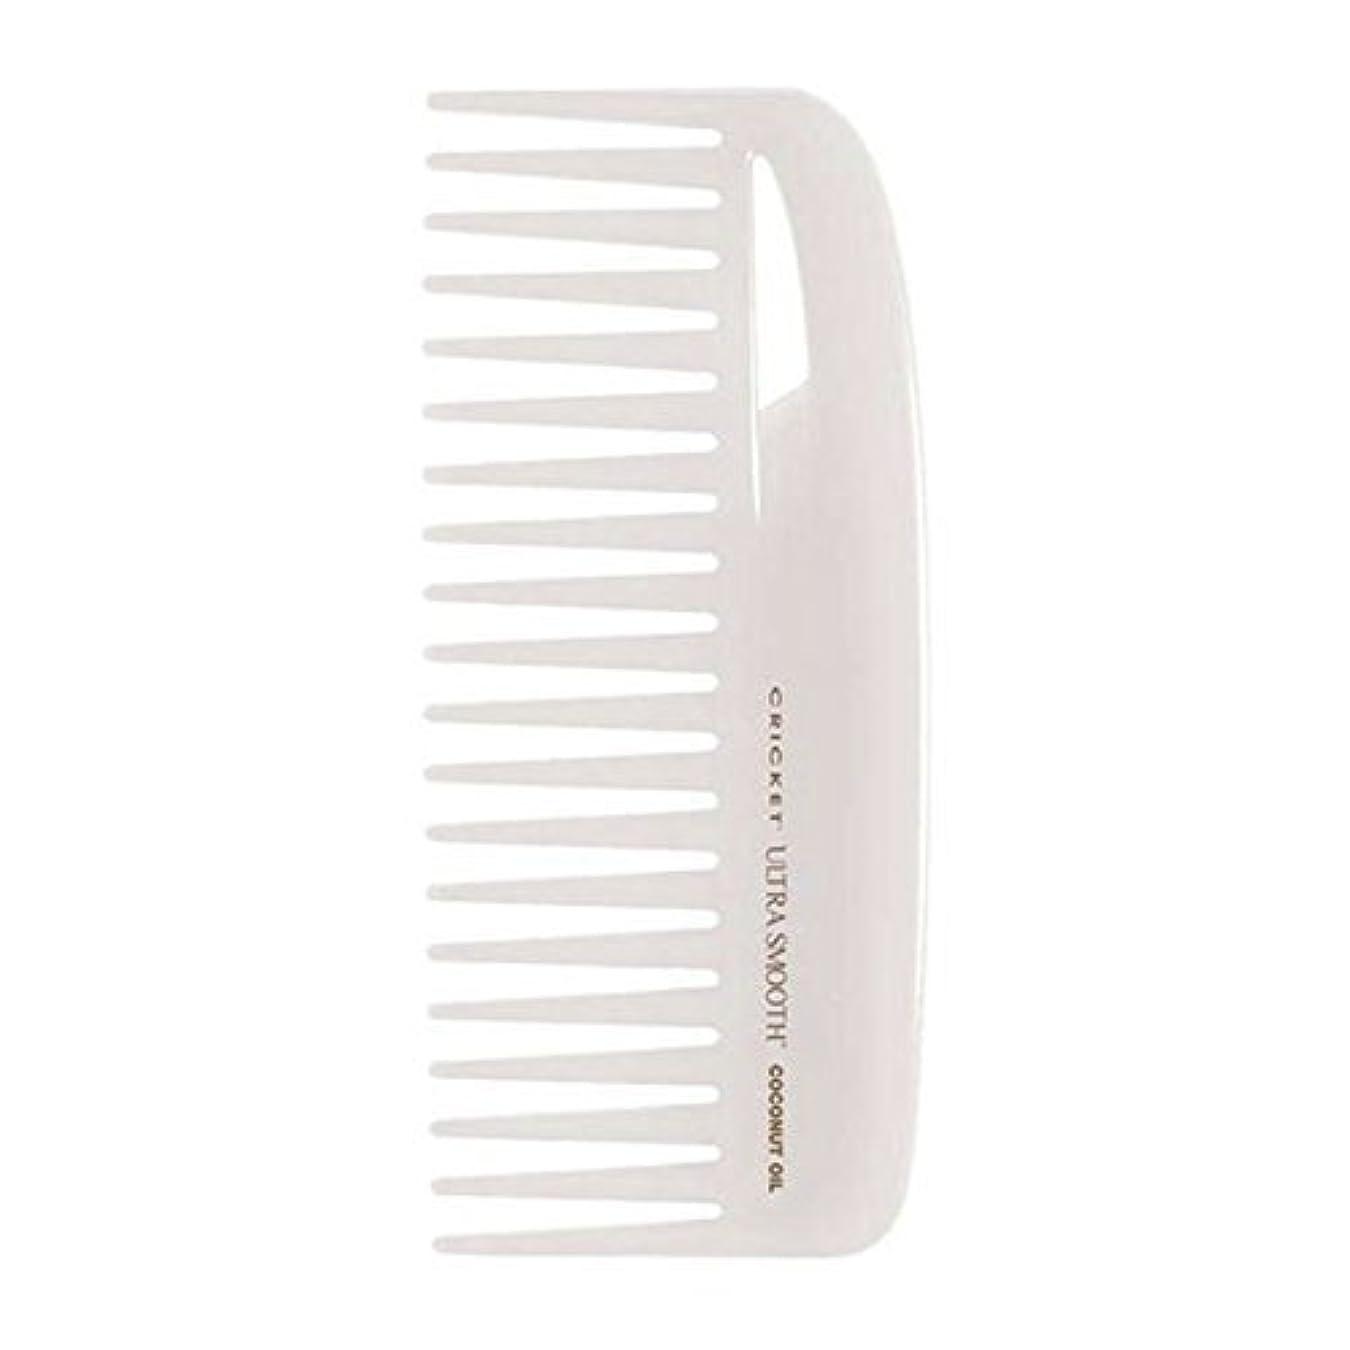 収益ボタン戦うCricket Ultra Smooth Coconut Conditioning Comb, 1 Count [並行輸入品]